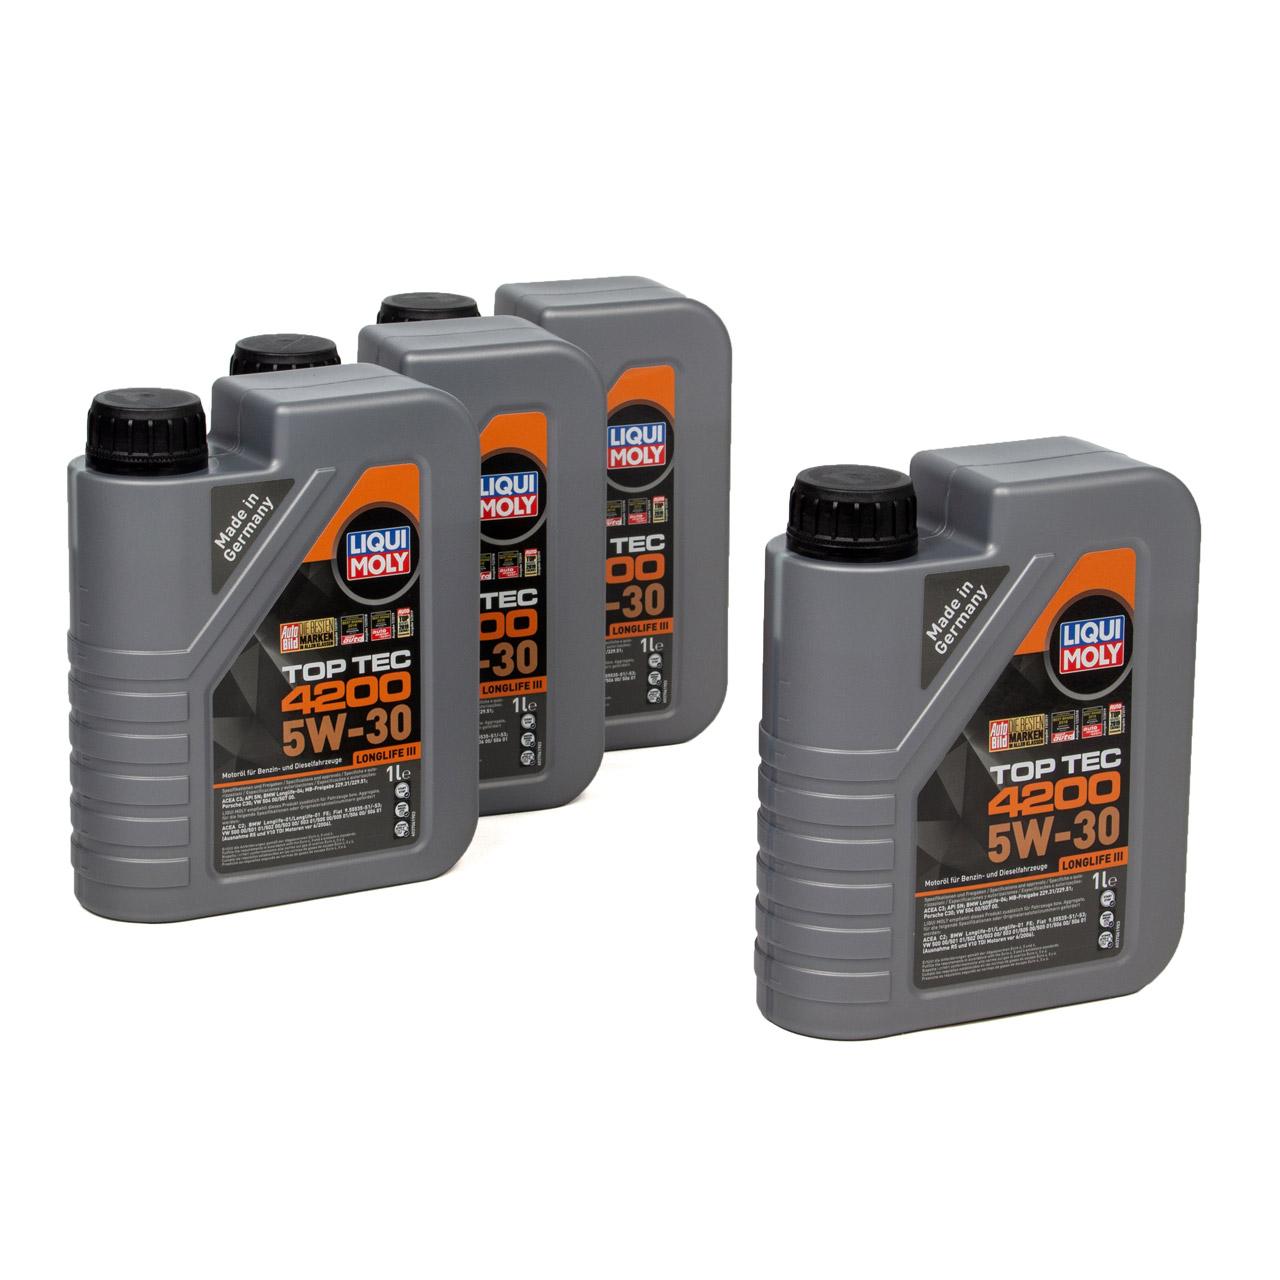 LIQUI MOLY 4L 4 Liter Motoröl Öl TOP TEC 4200 5W30 5W-30 3707 VW 504.00 507.00